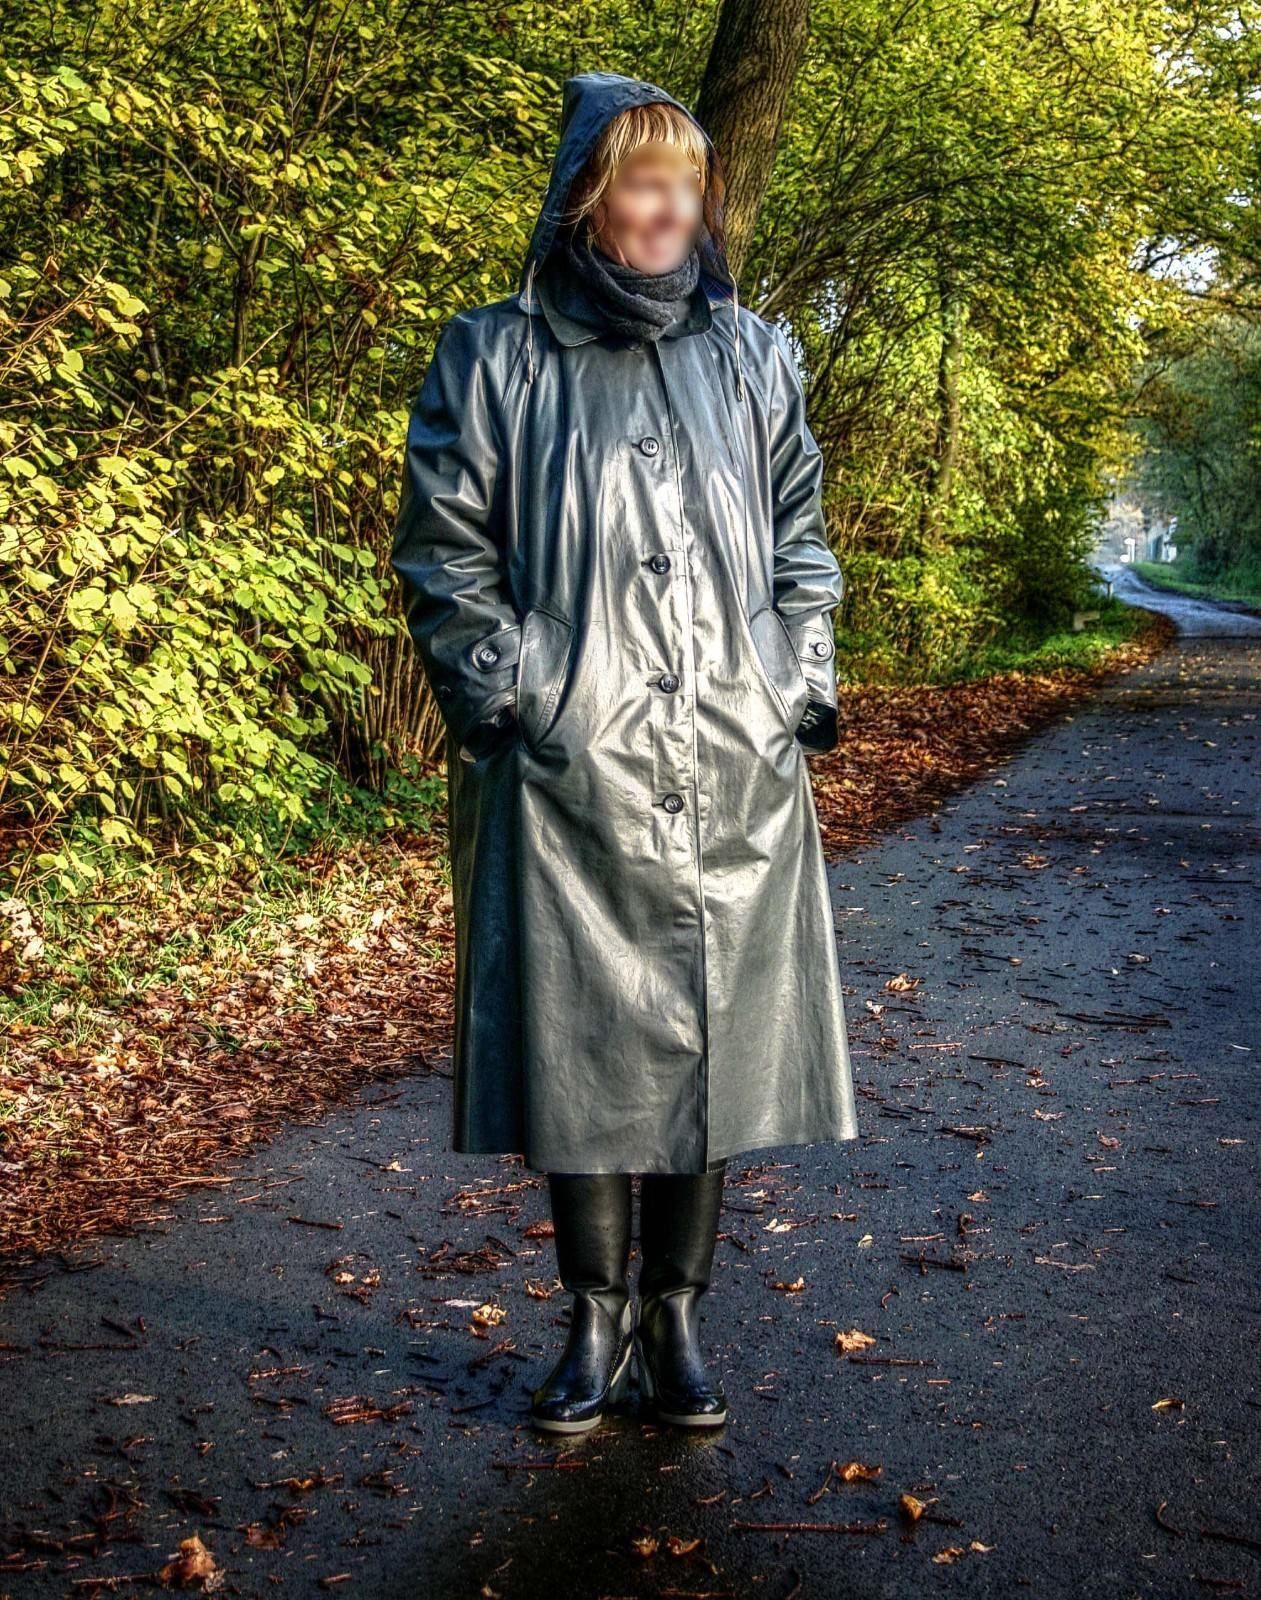 kleppermantel raincoat klepper gummimantel regenmantel gr 46 kleidung accessoires damenmode. Black Bedroom Furniture Sets. Home Design Ideas